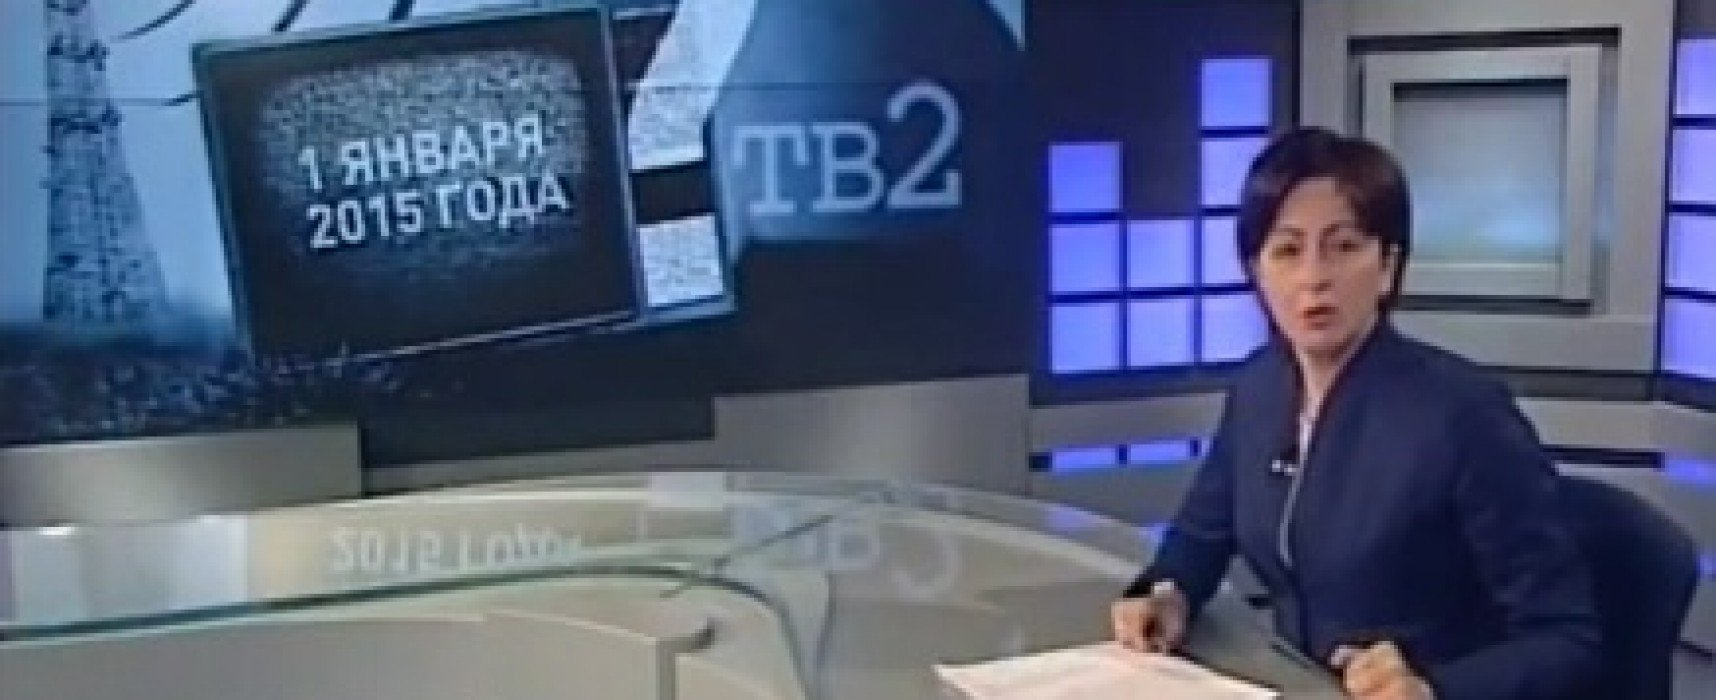 Российская независимая телекомпания ТВ2 прекращает эфиры